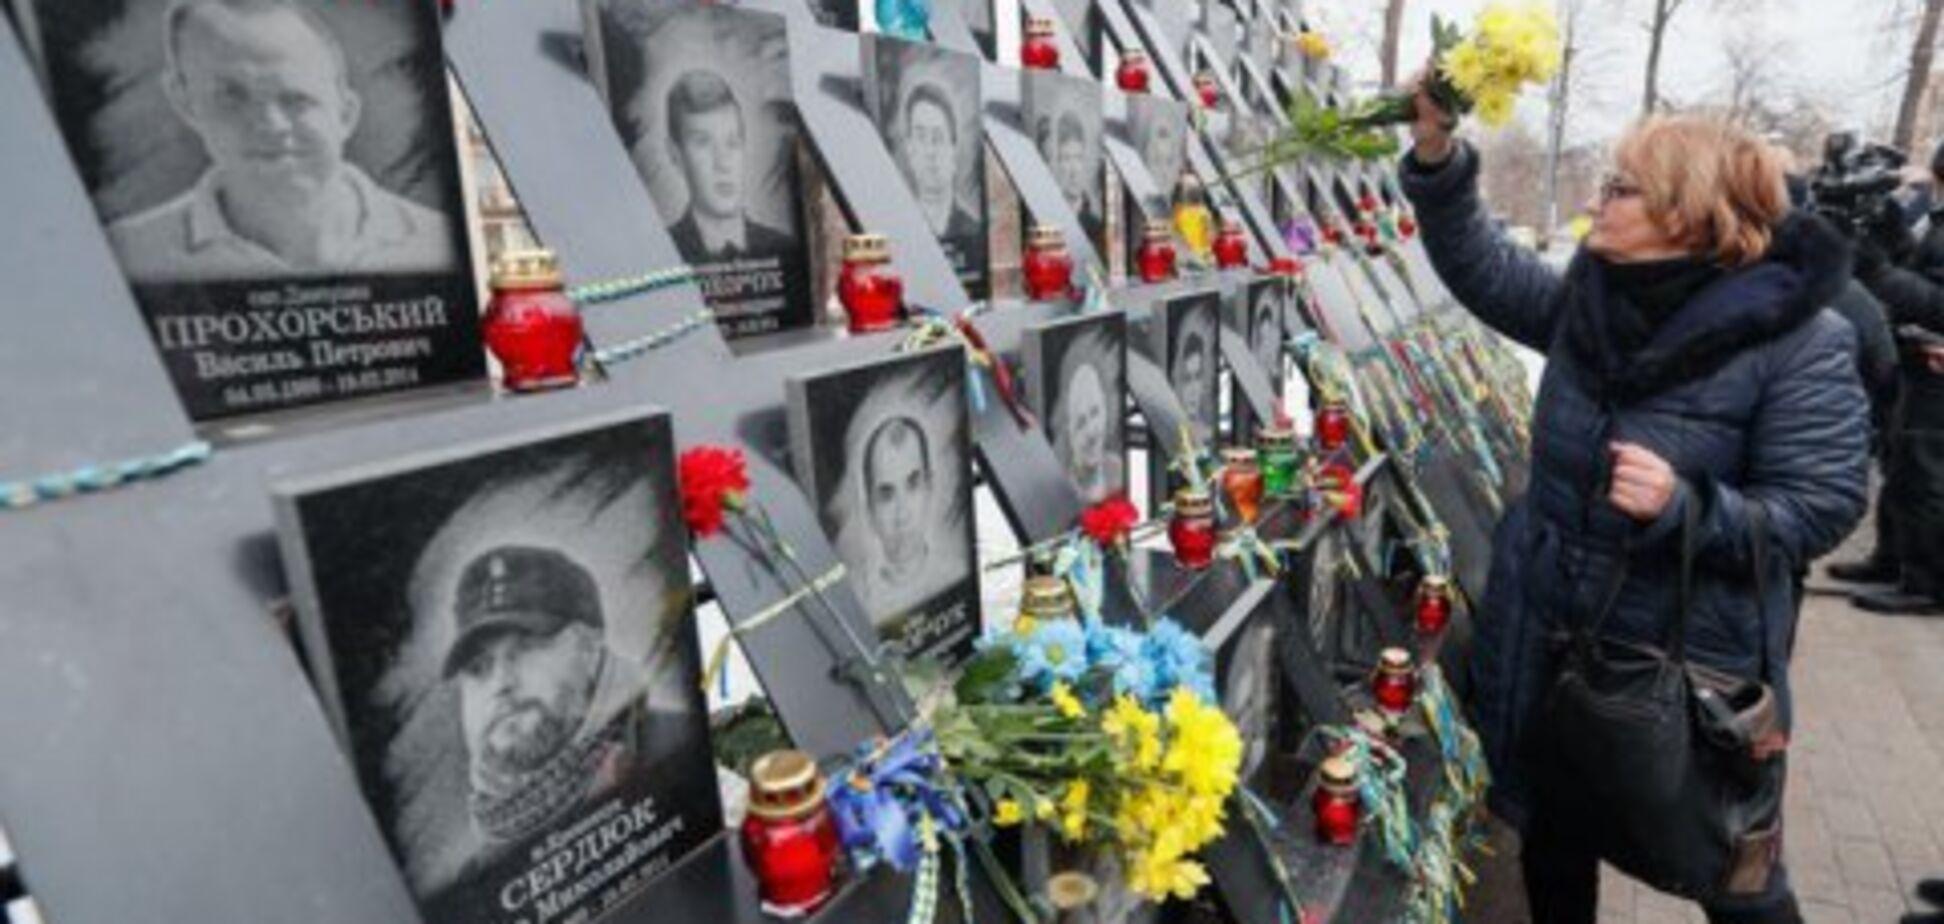 'Будете наказаны': в Киеве разгорелся скандал вокруг активистов из-за Небесной Сотни